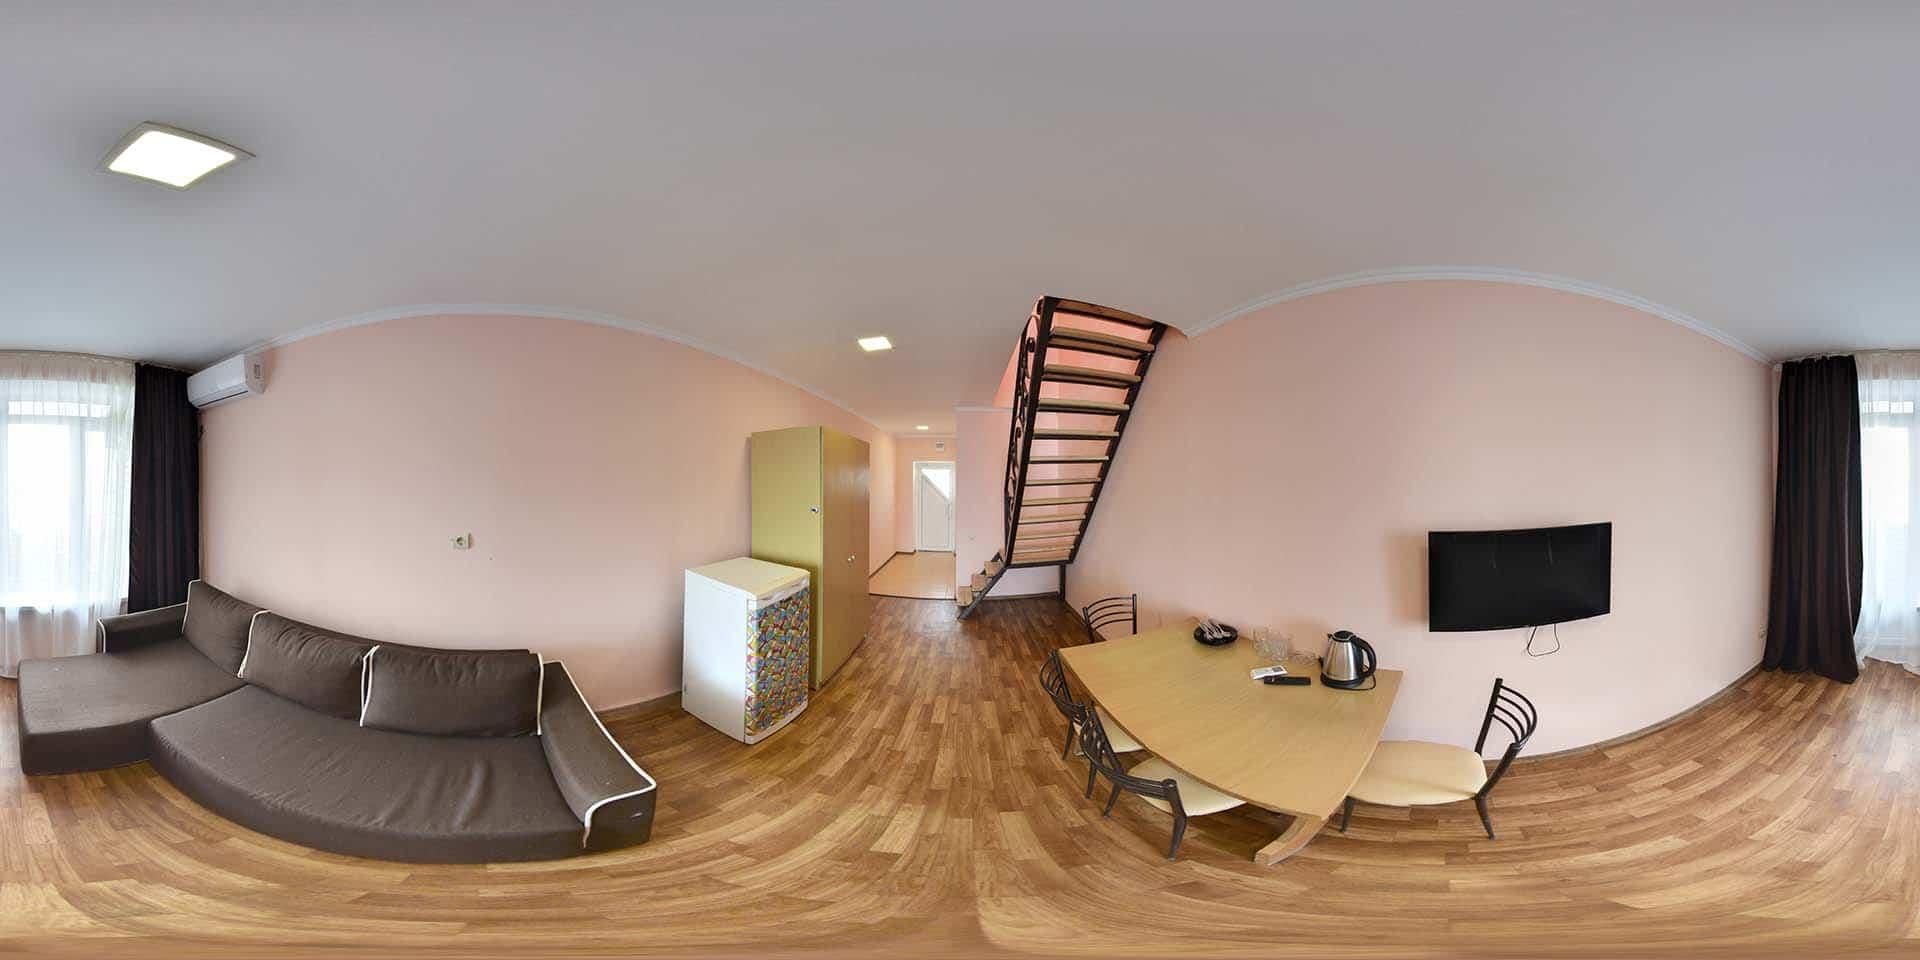 Мансарда.6 мест.3 комнаты.Белый корпус 4 этаж